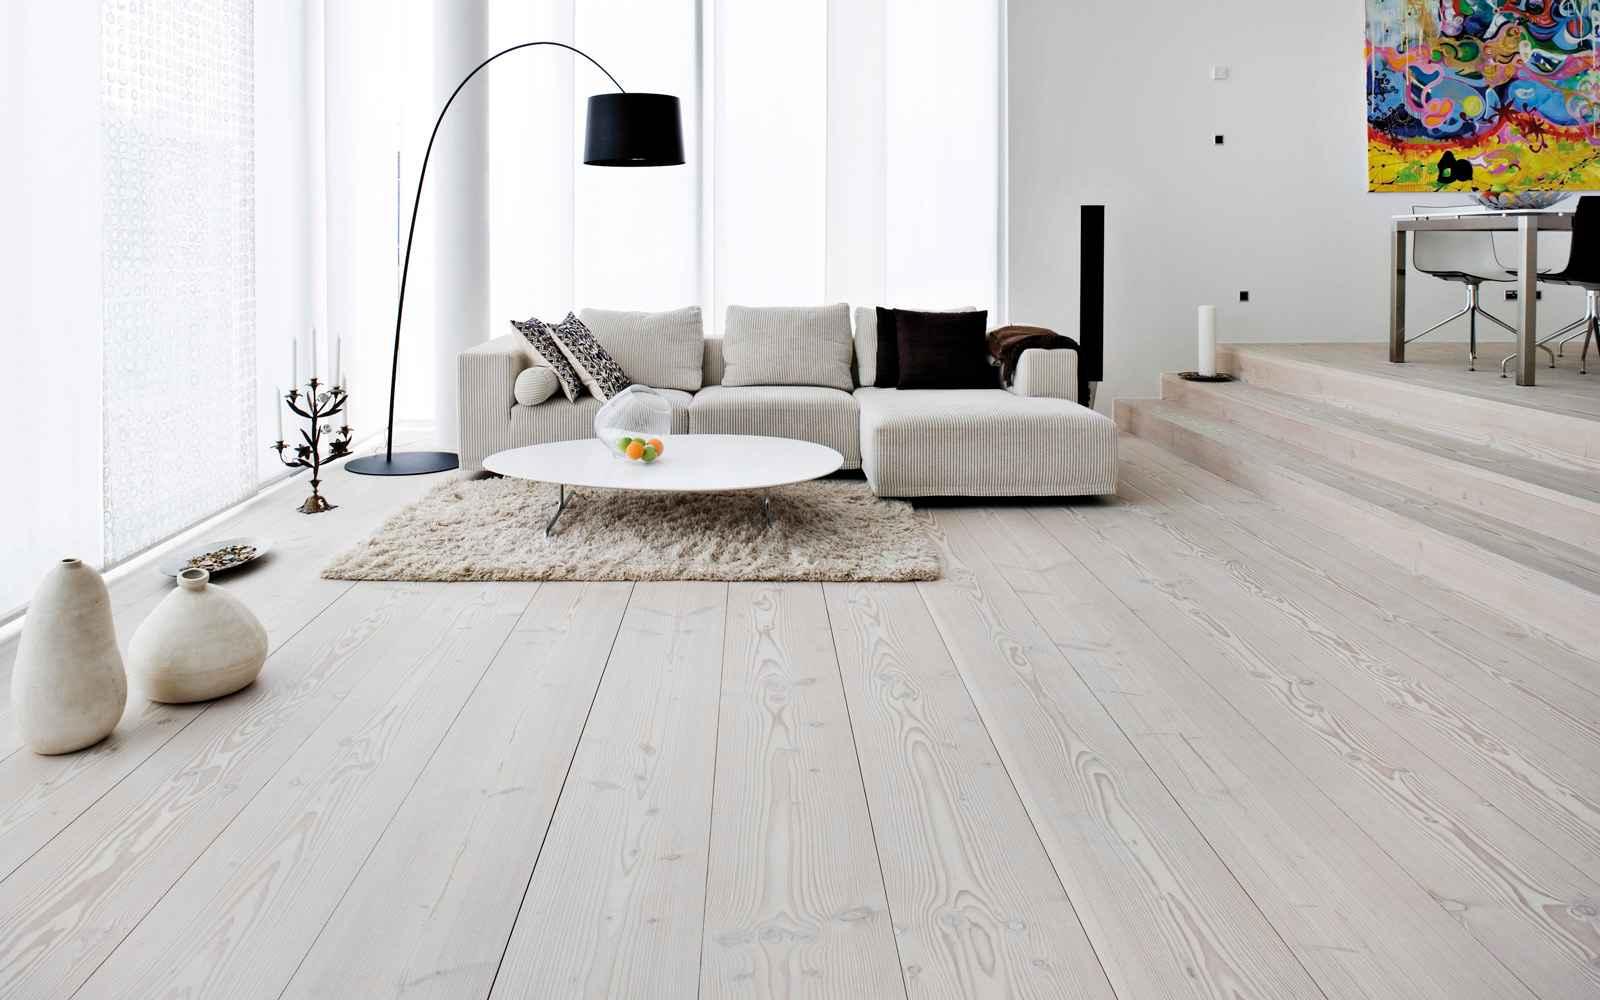 Cheap Laminate Flooring  Feel The Home